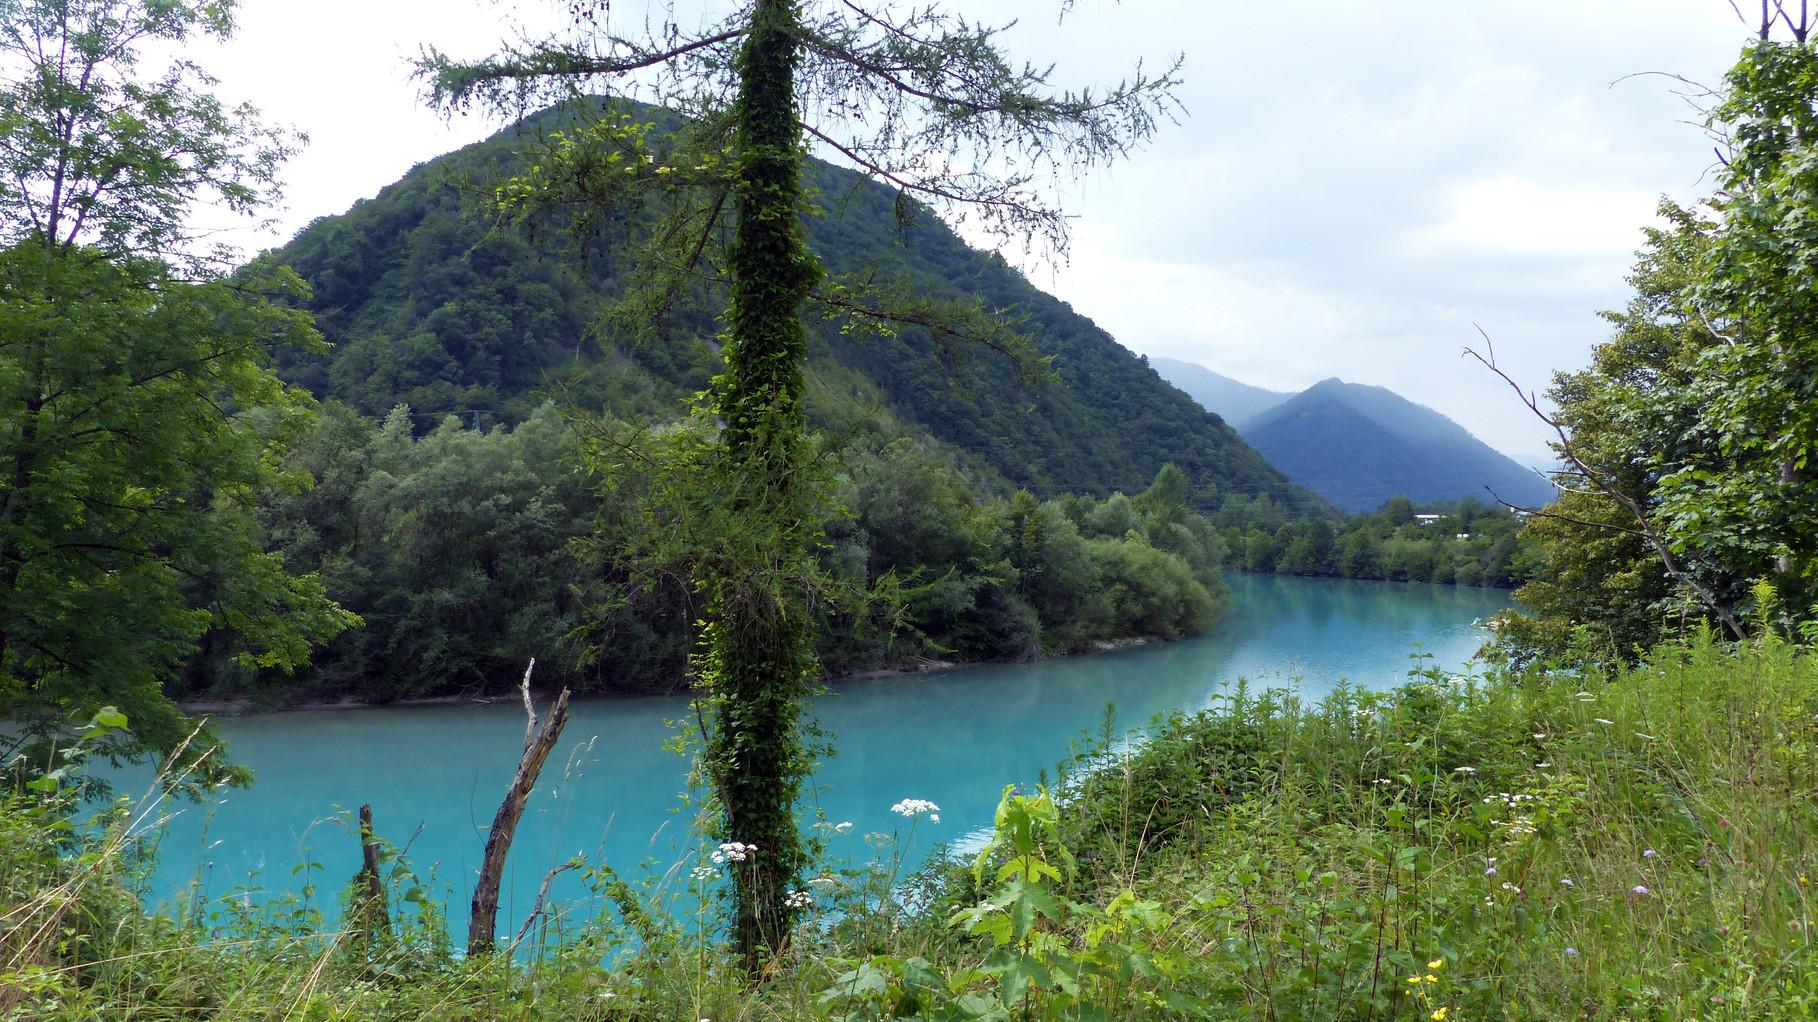 die smaragdfarbene Soca, ich kenne keinen anderen Fluß, welcher solch intensive Farbe trägt